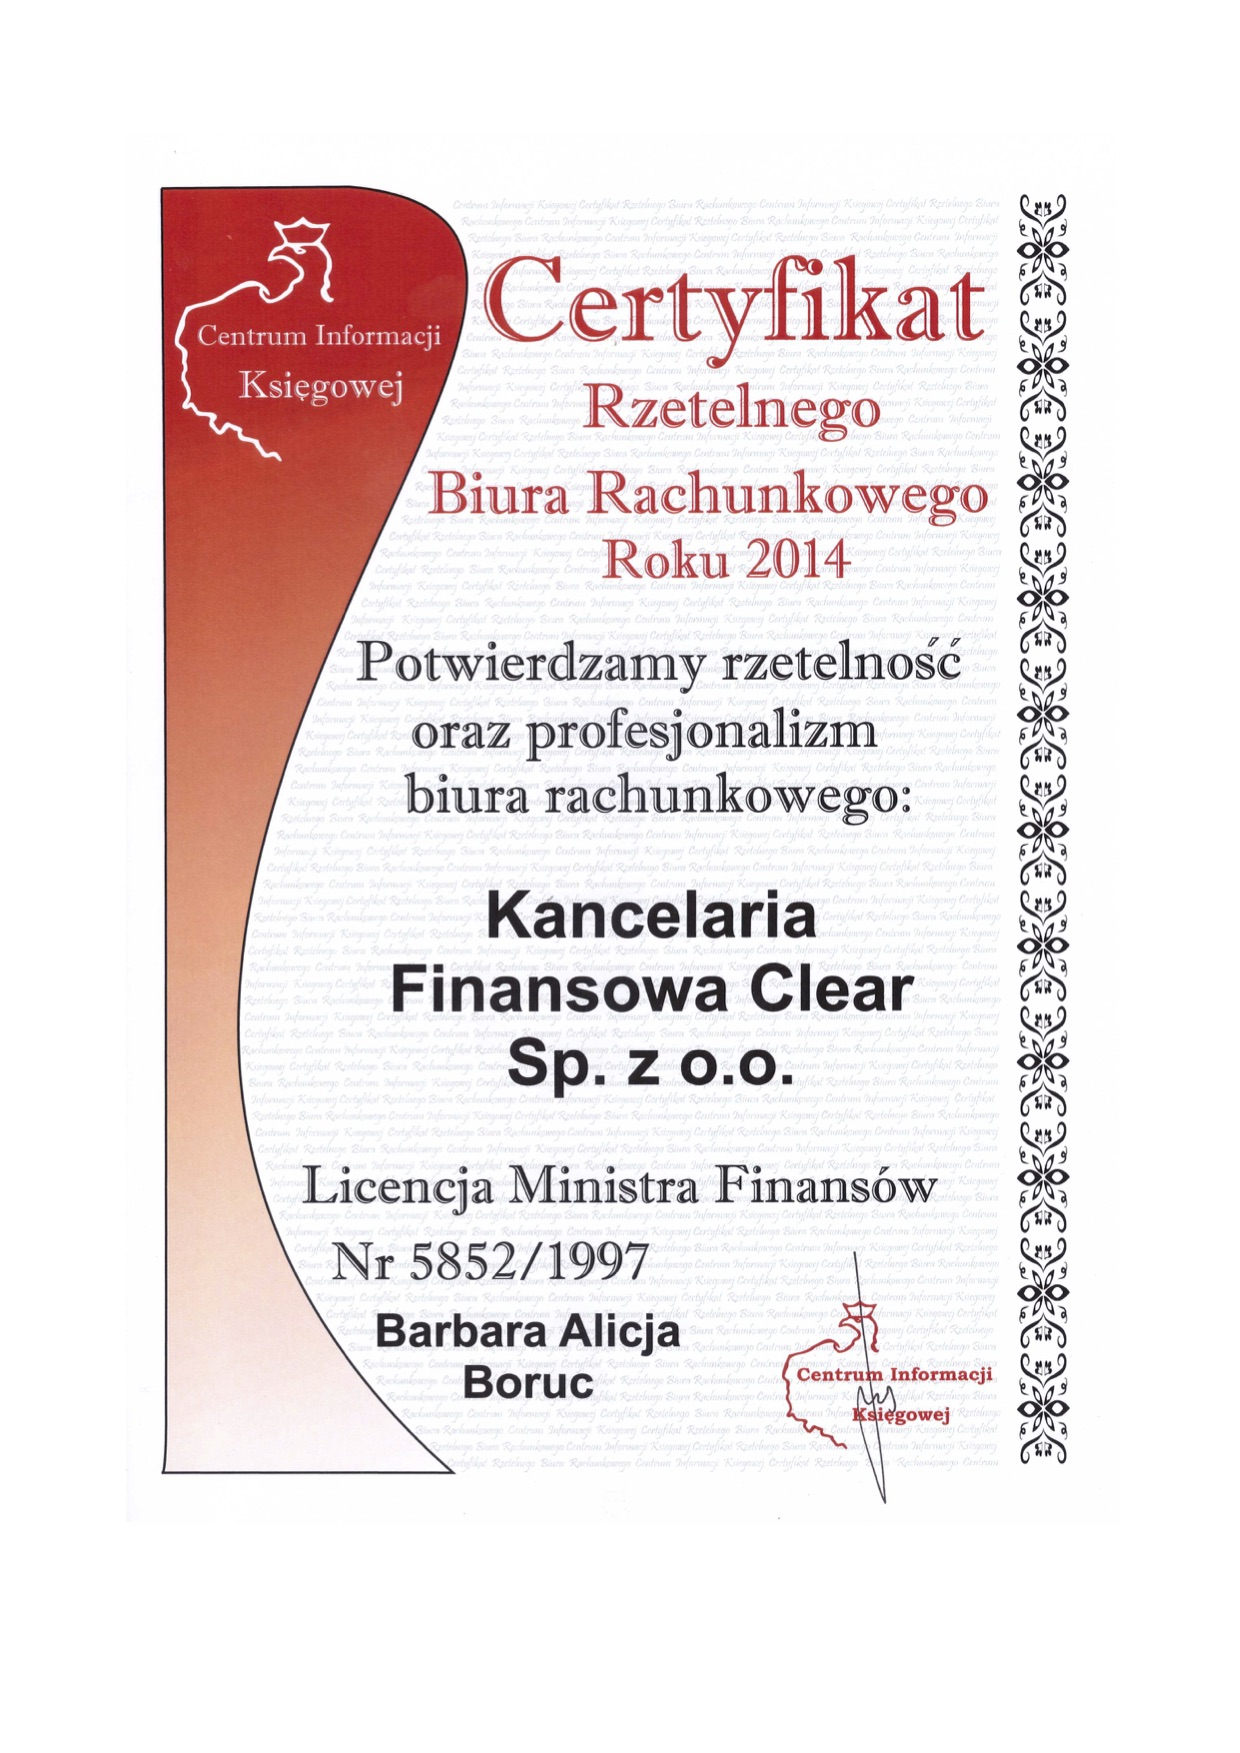 Certyfikat CIK dla kancelarii clear warszawa potwierdzający rzetelność oraz profesjonalizm biura rachunkowego